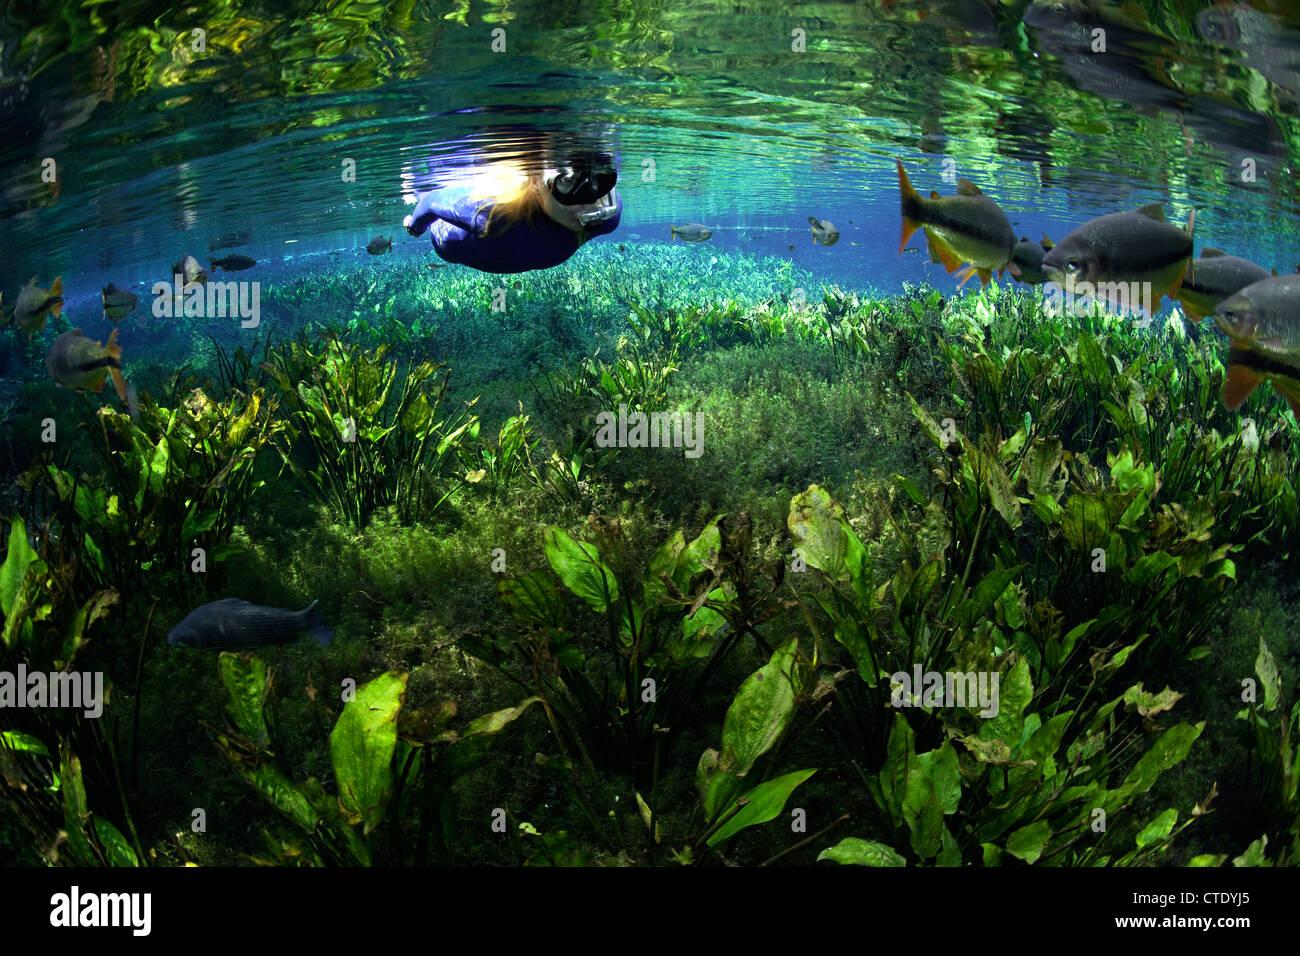 snorkeling in aquario natural spring aquario natural bonito mato